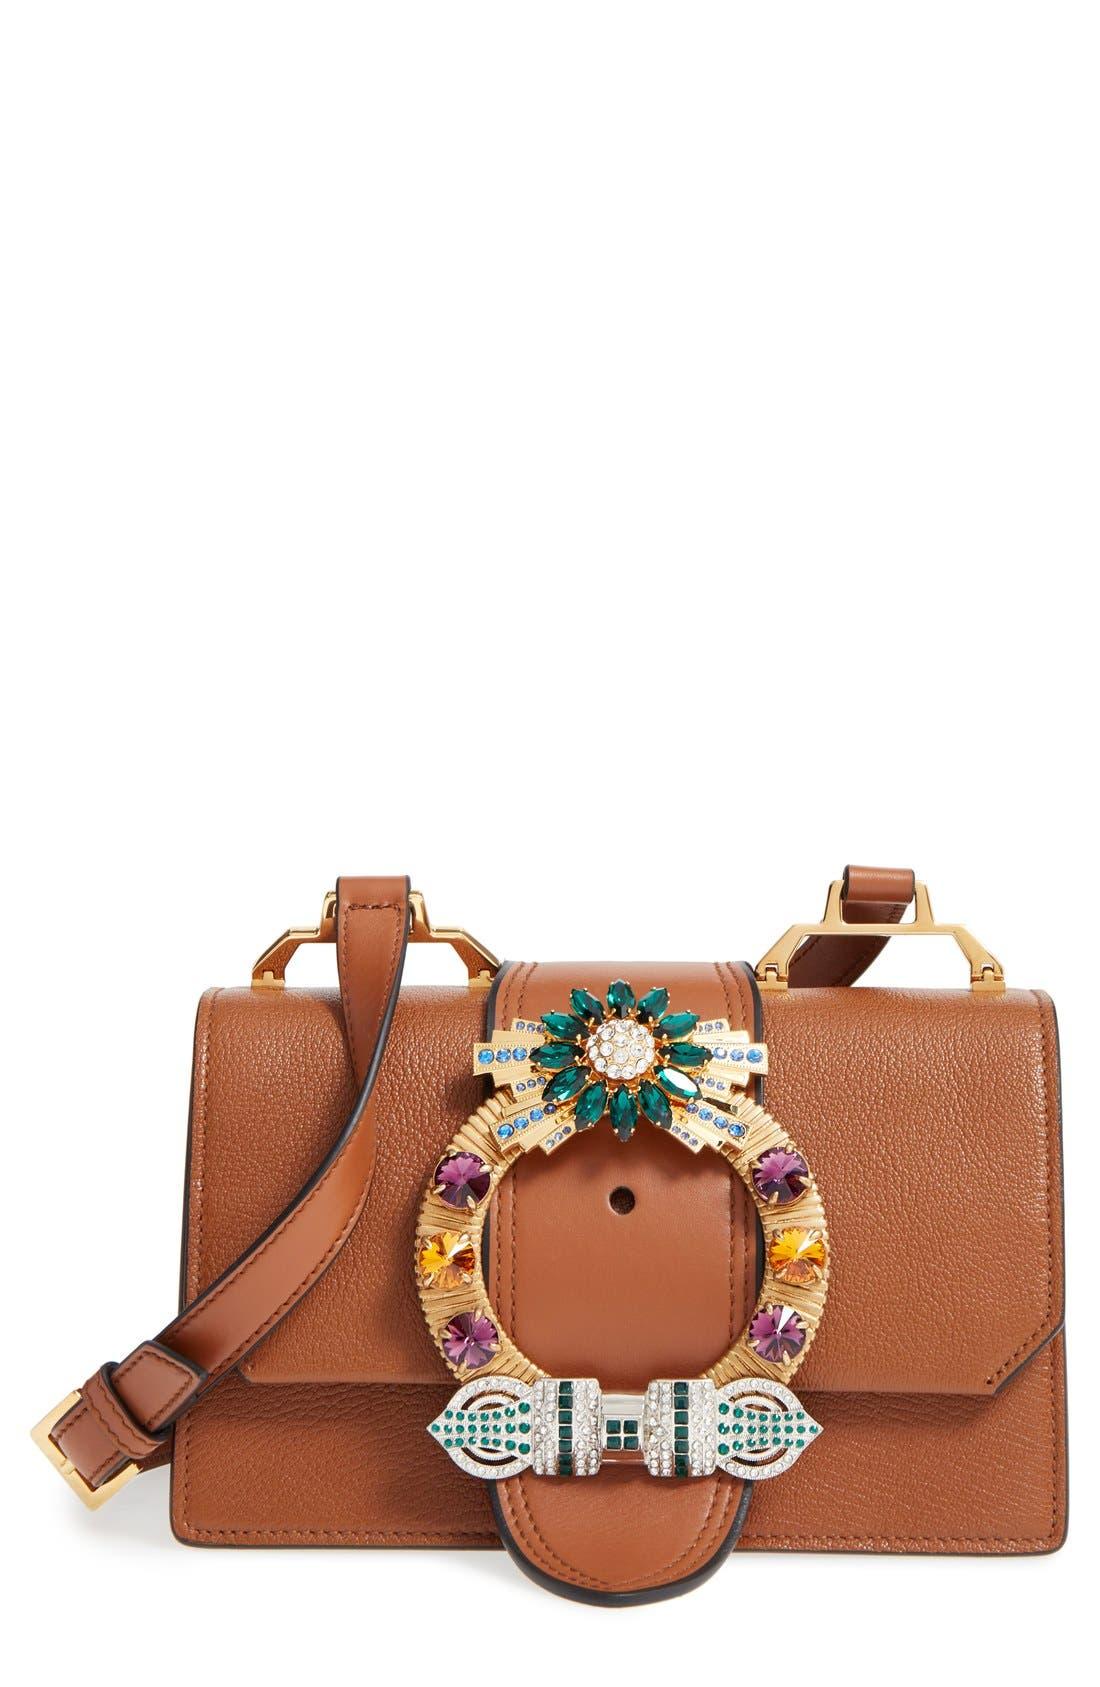 'Small Madras' Crystal Embellished Leather Shoulder Bag,                         Main,                         color, Brandy